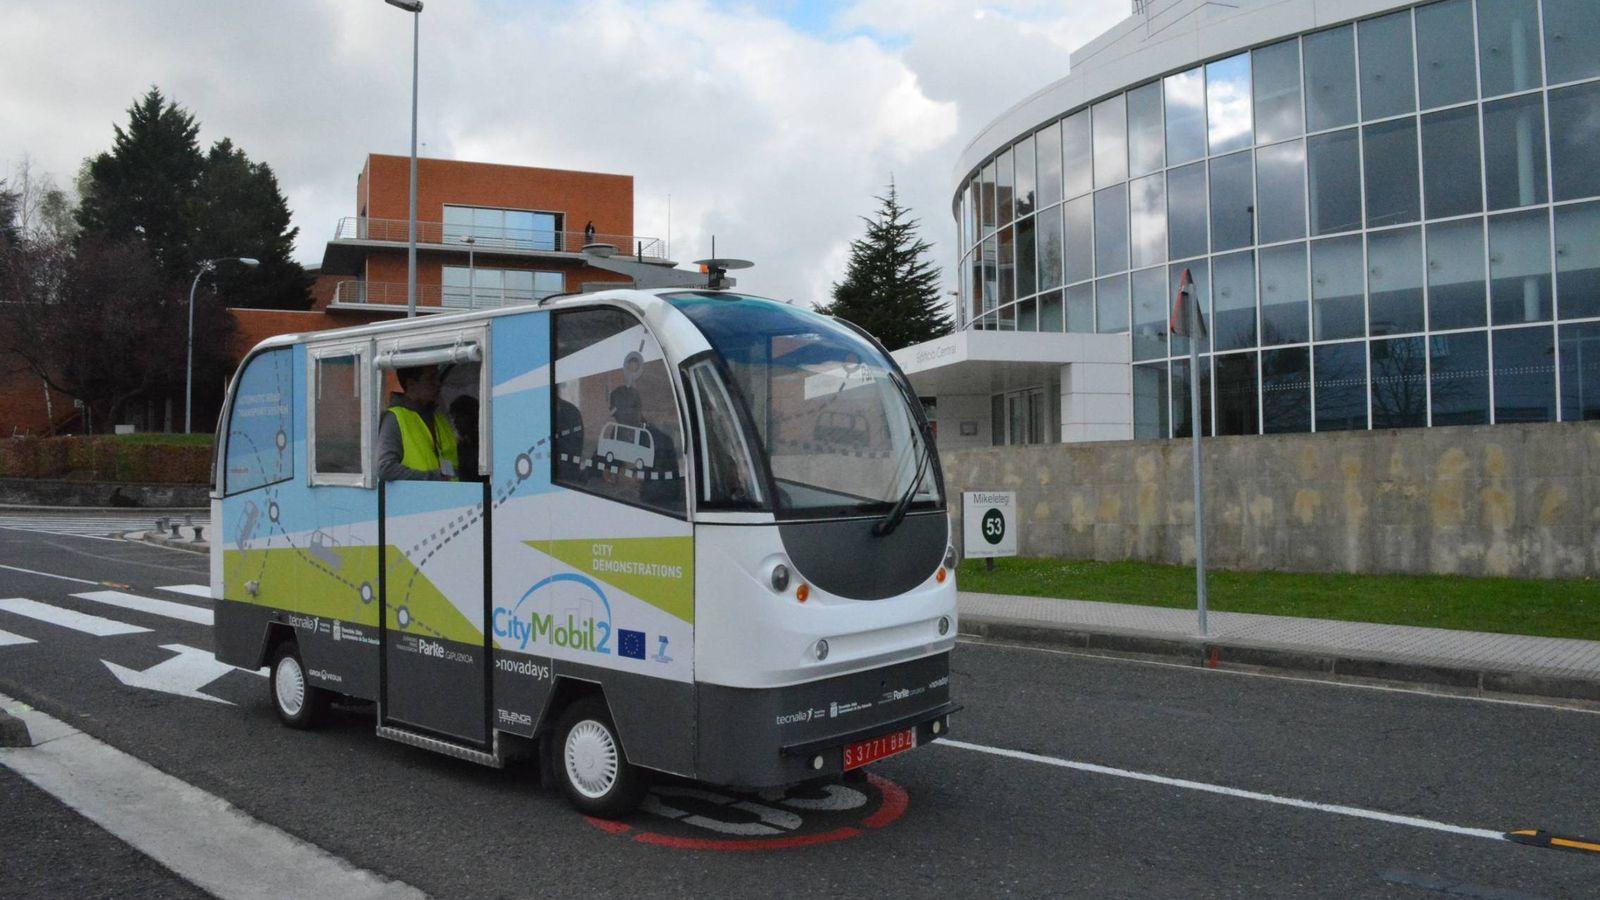 Foto: El autobús sin conductor circulando por las calles.